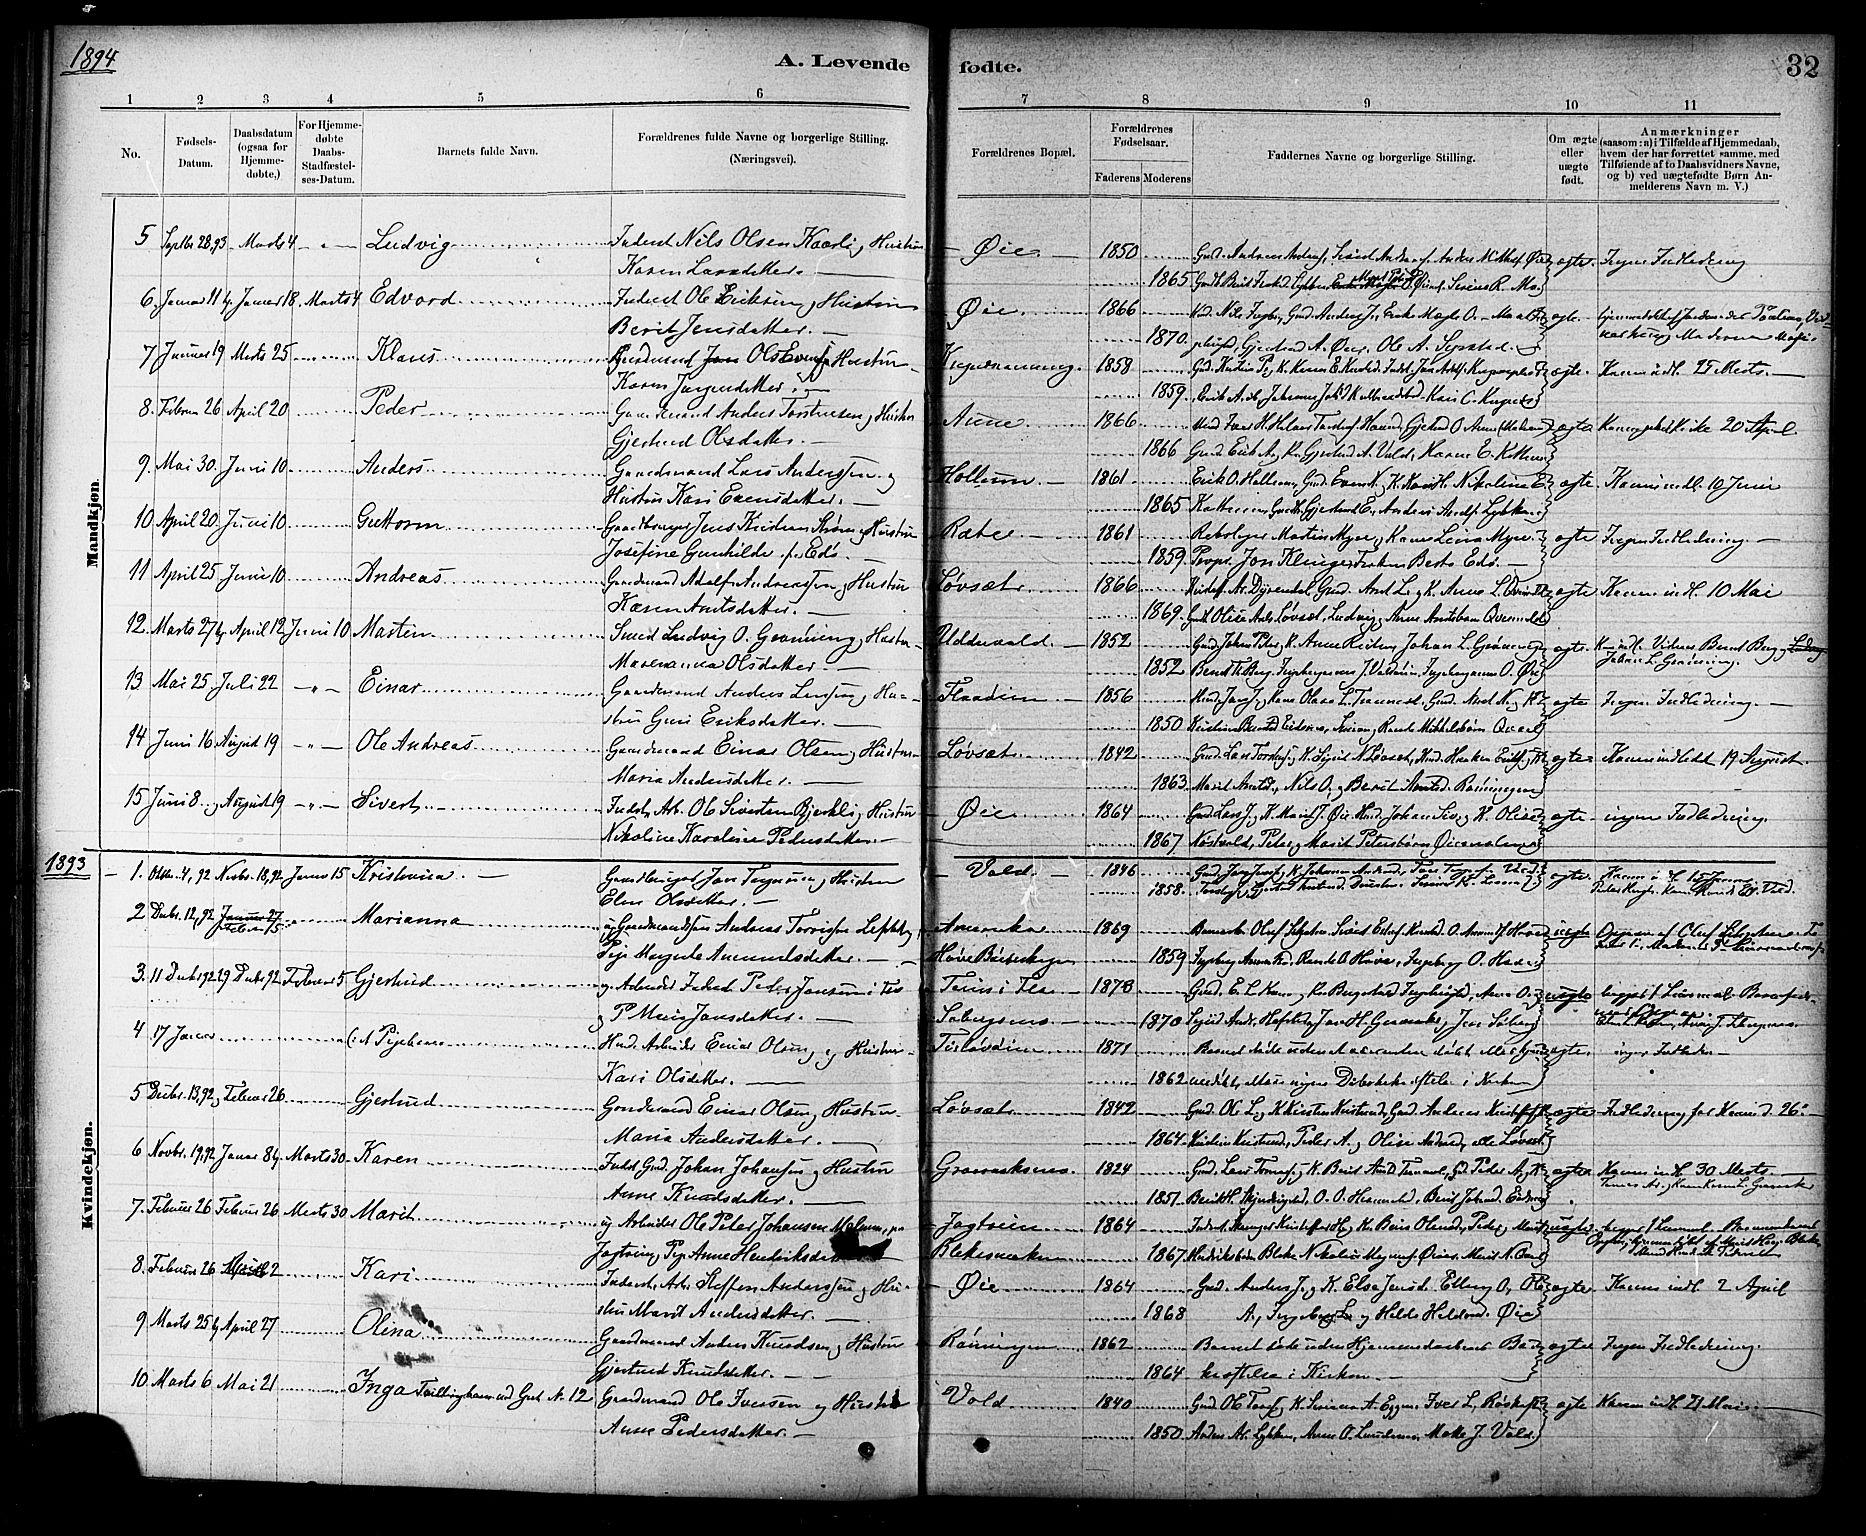 SAT, Ministerialprotokoller, klokkerbøker og fødselsregistre - Sør-Trøndelag, 691/L1094: Klokkerbok nr. 691C05, 1879-1911, s. 32